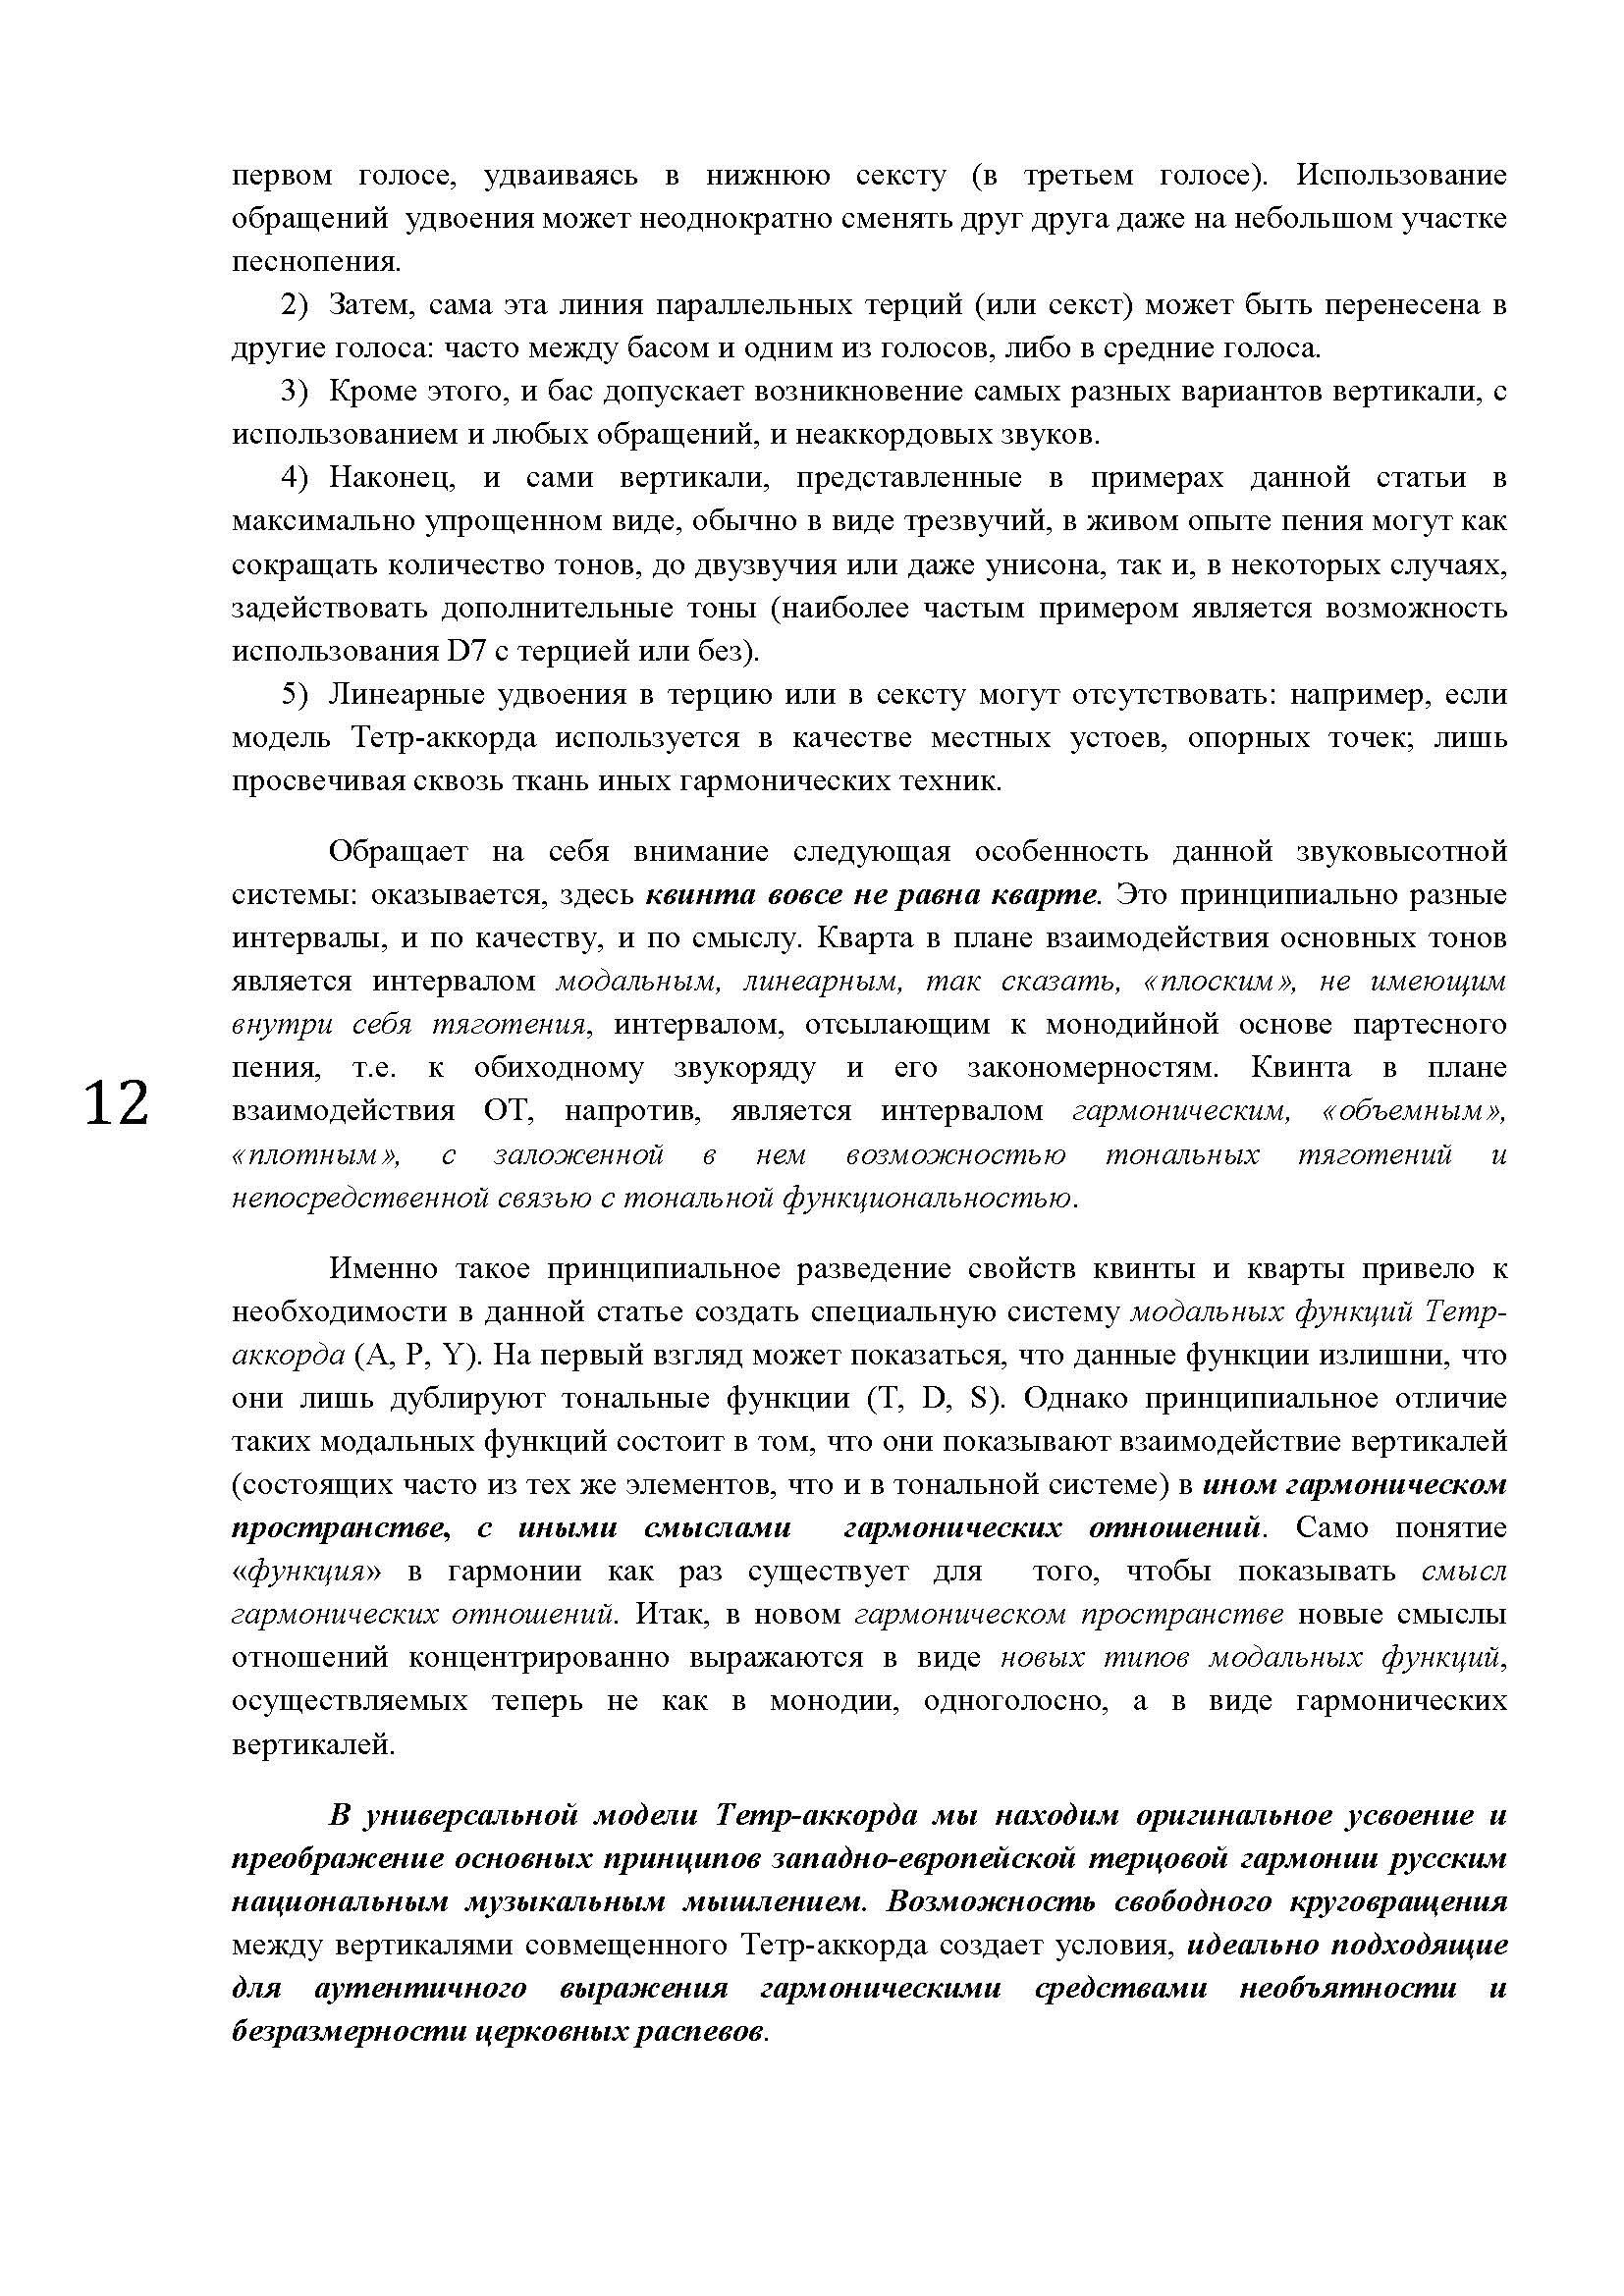 О.ФИЛИПП_ГАРМОНИЯ_ПАРТЕСНОГО_ПЕНИЯ_+_Страница_12